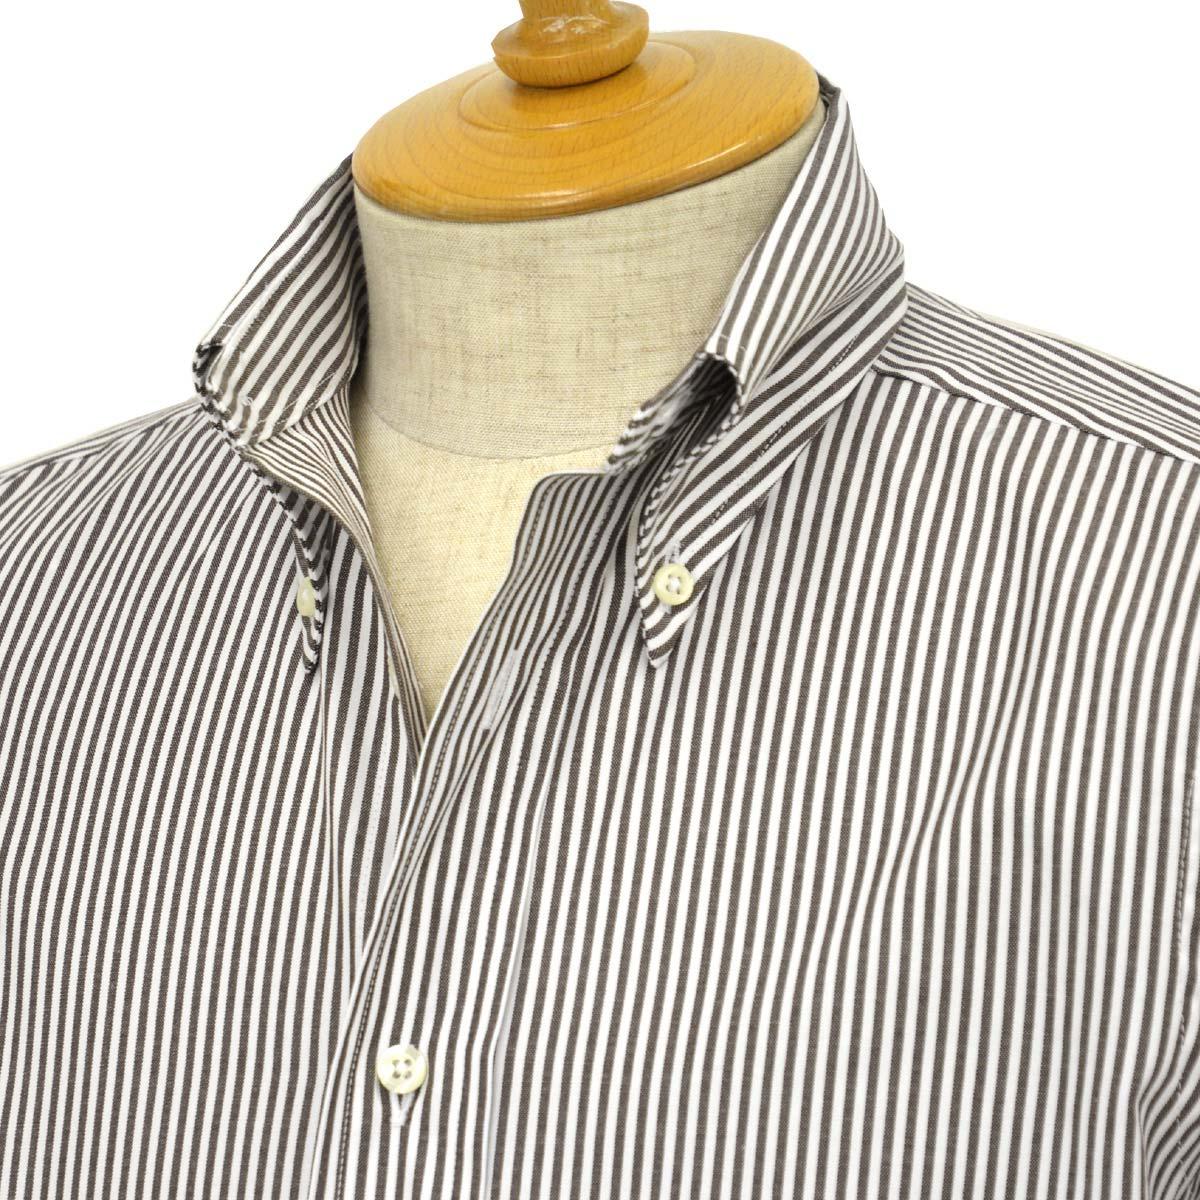 INDIVIDUALIZED SHIRTS【インディビジュアライズドシャツ】ボタンダウンシャツ slim fit OX stripe (スリムフィット オックスストライプ)コットン ブラウン